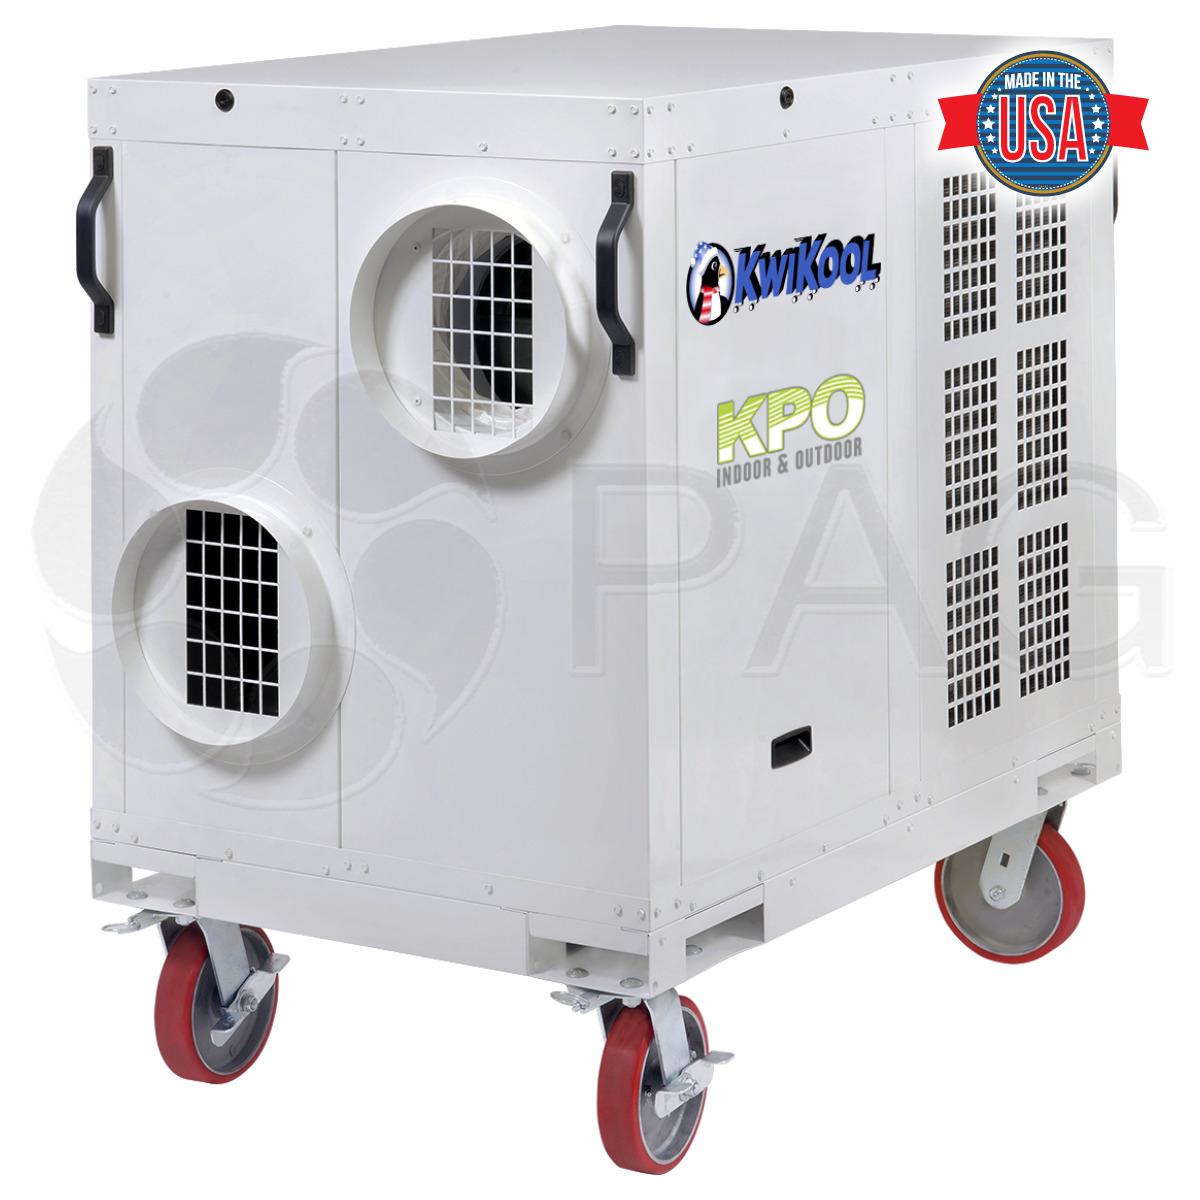 KwiKool KPO5-23 indoor/outdoor portable air conditioner